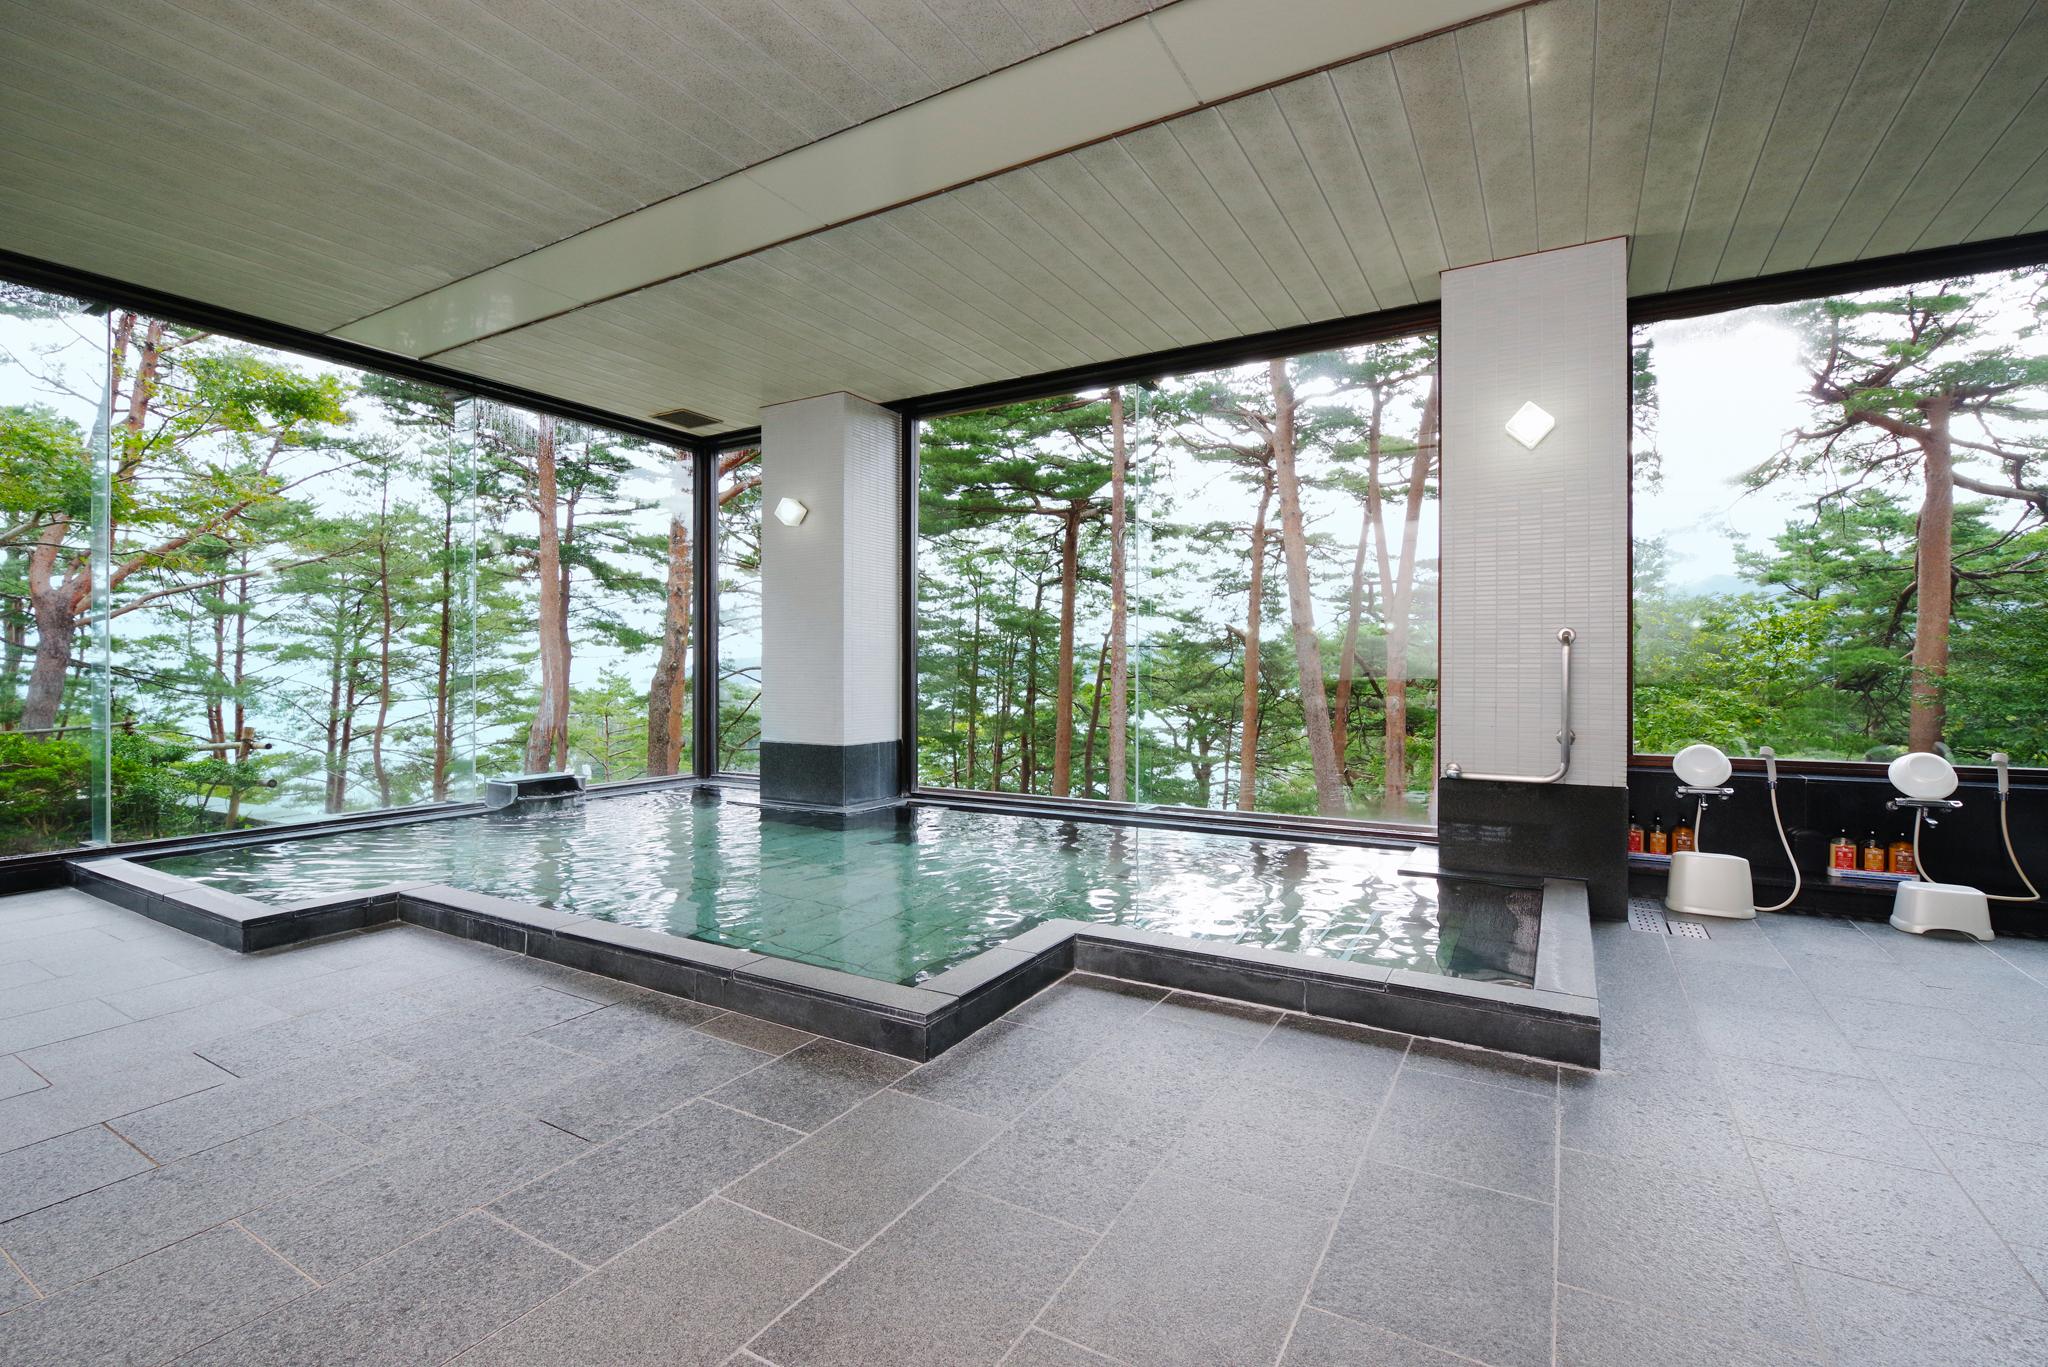 さけの湯 赤松越しに太平洋を臨むロケーションで、季節によっては、本州最東端の街に昇る朝日を見ることの出来る大浴場です。